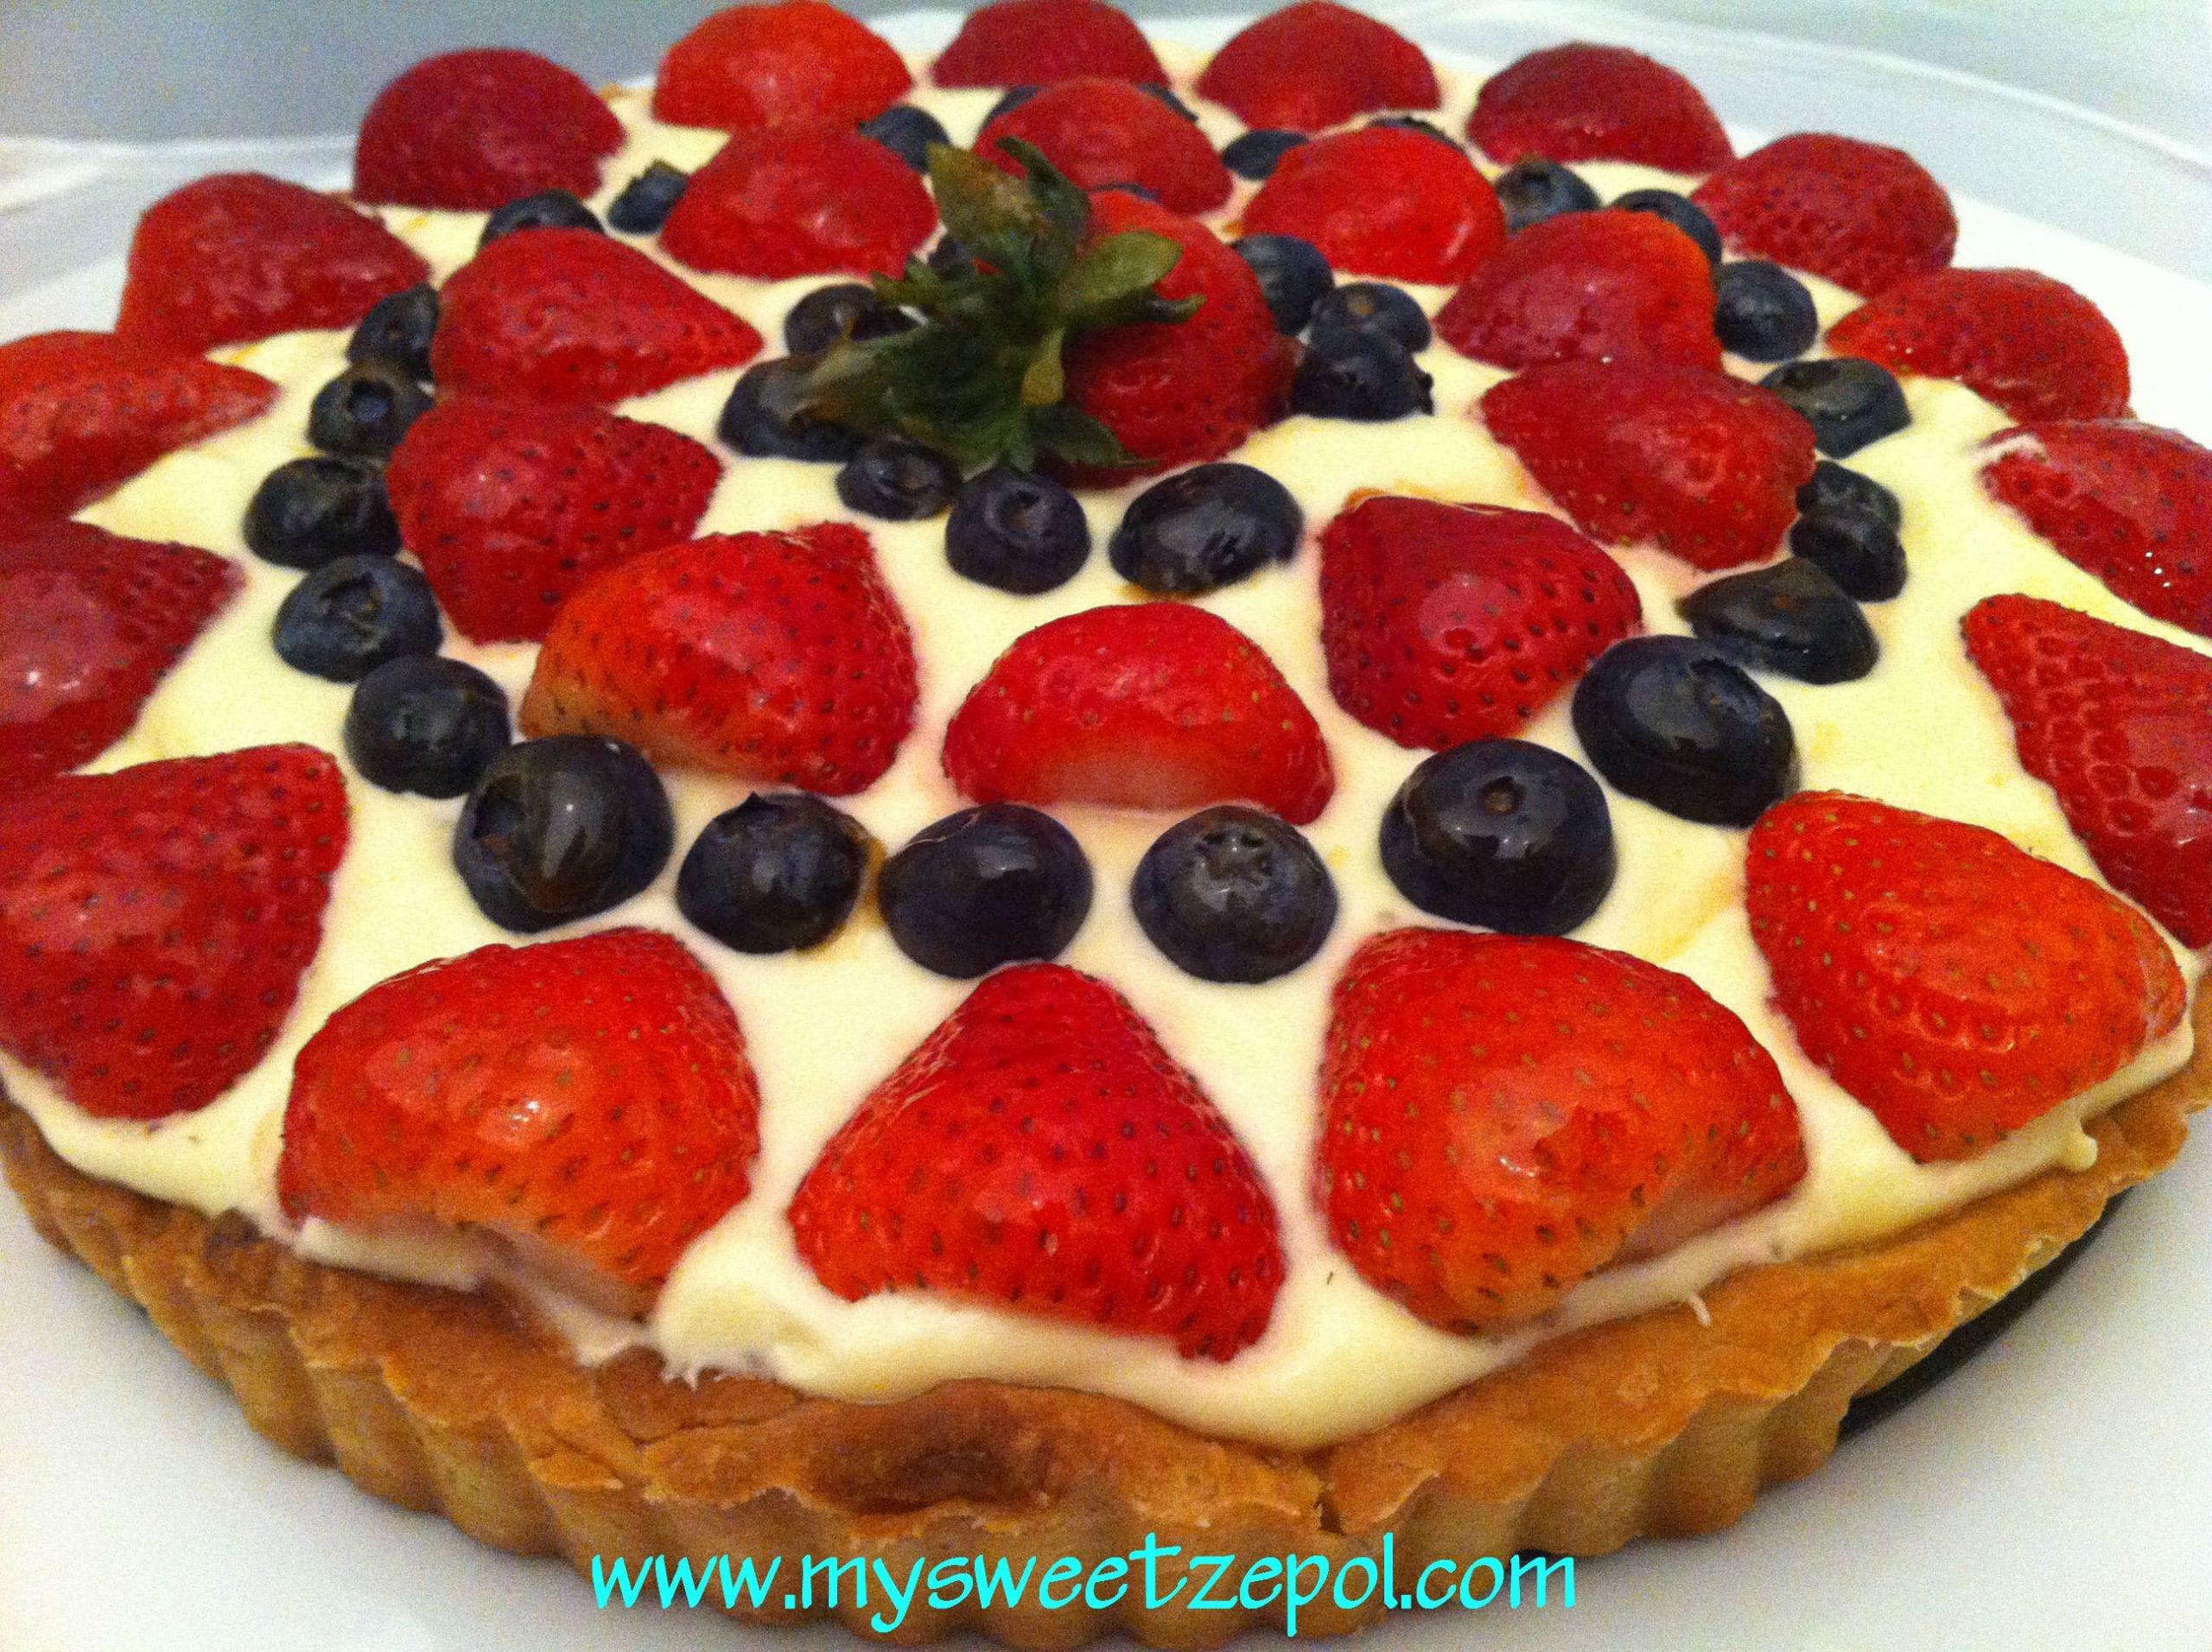 Fresh fruit on pastry, lemon cream tart, home made dough